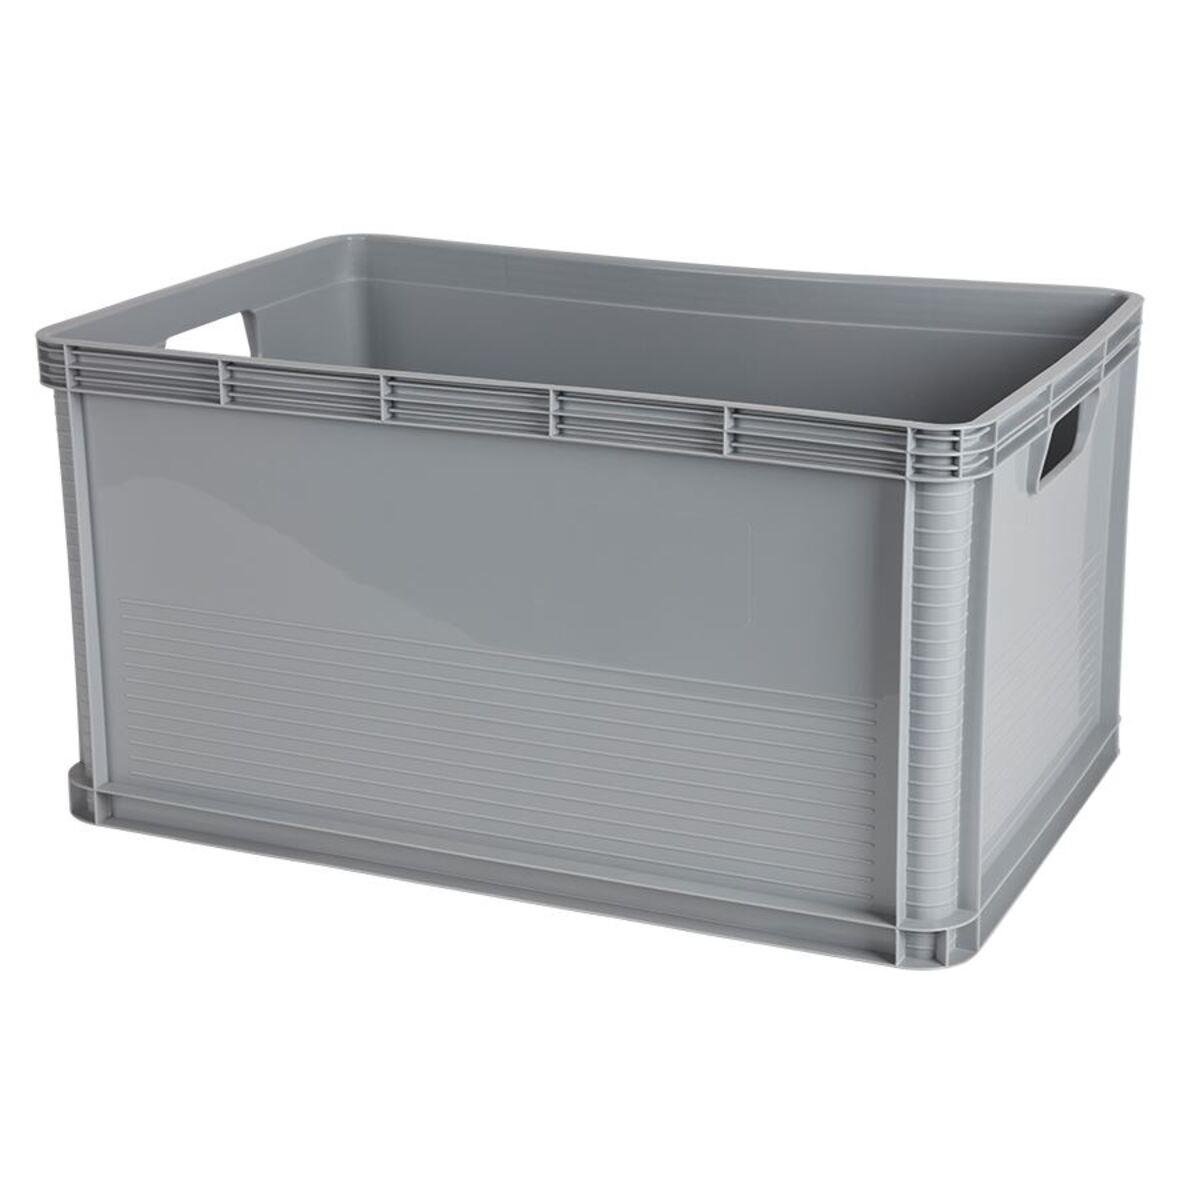 Bild 3 von Robusto-Box 64 Liter